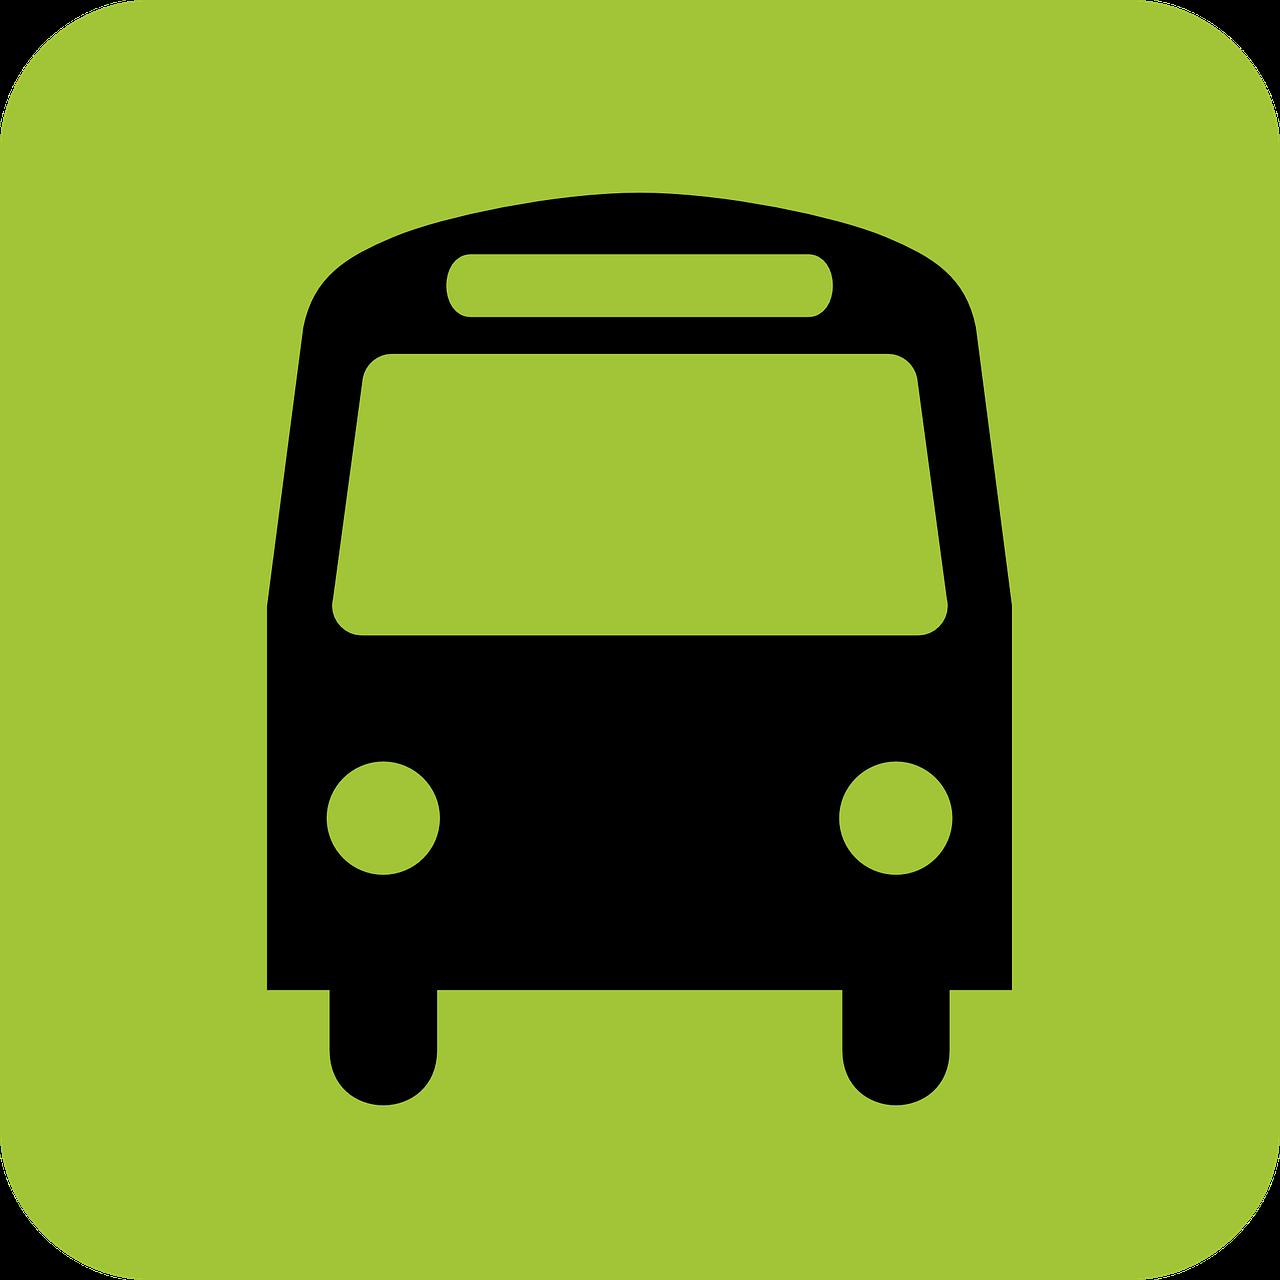 bus-308765_1280